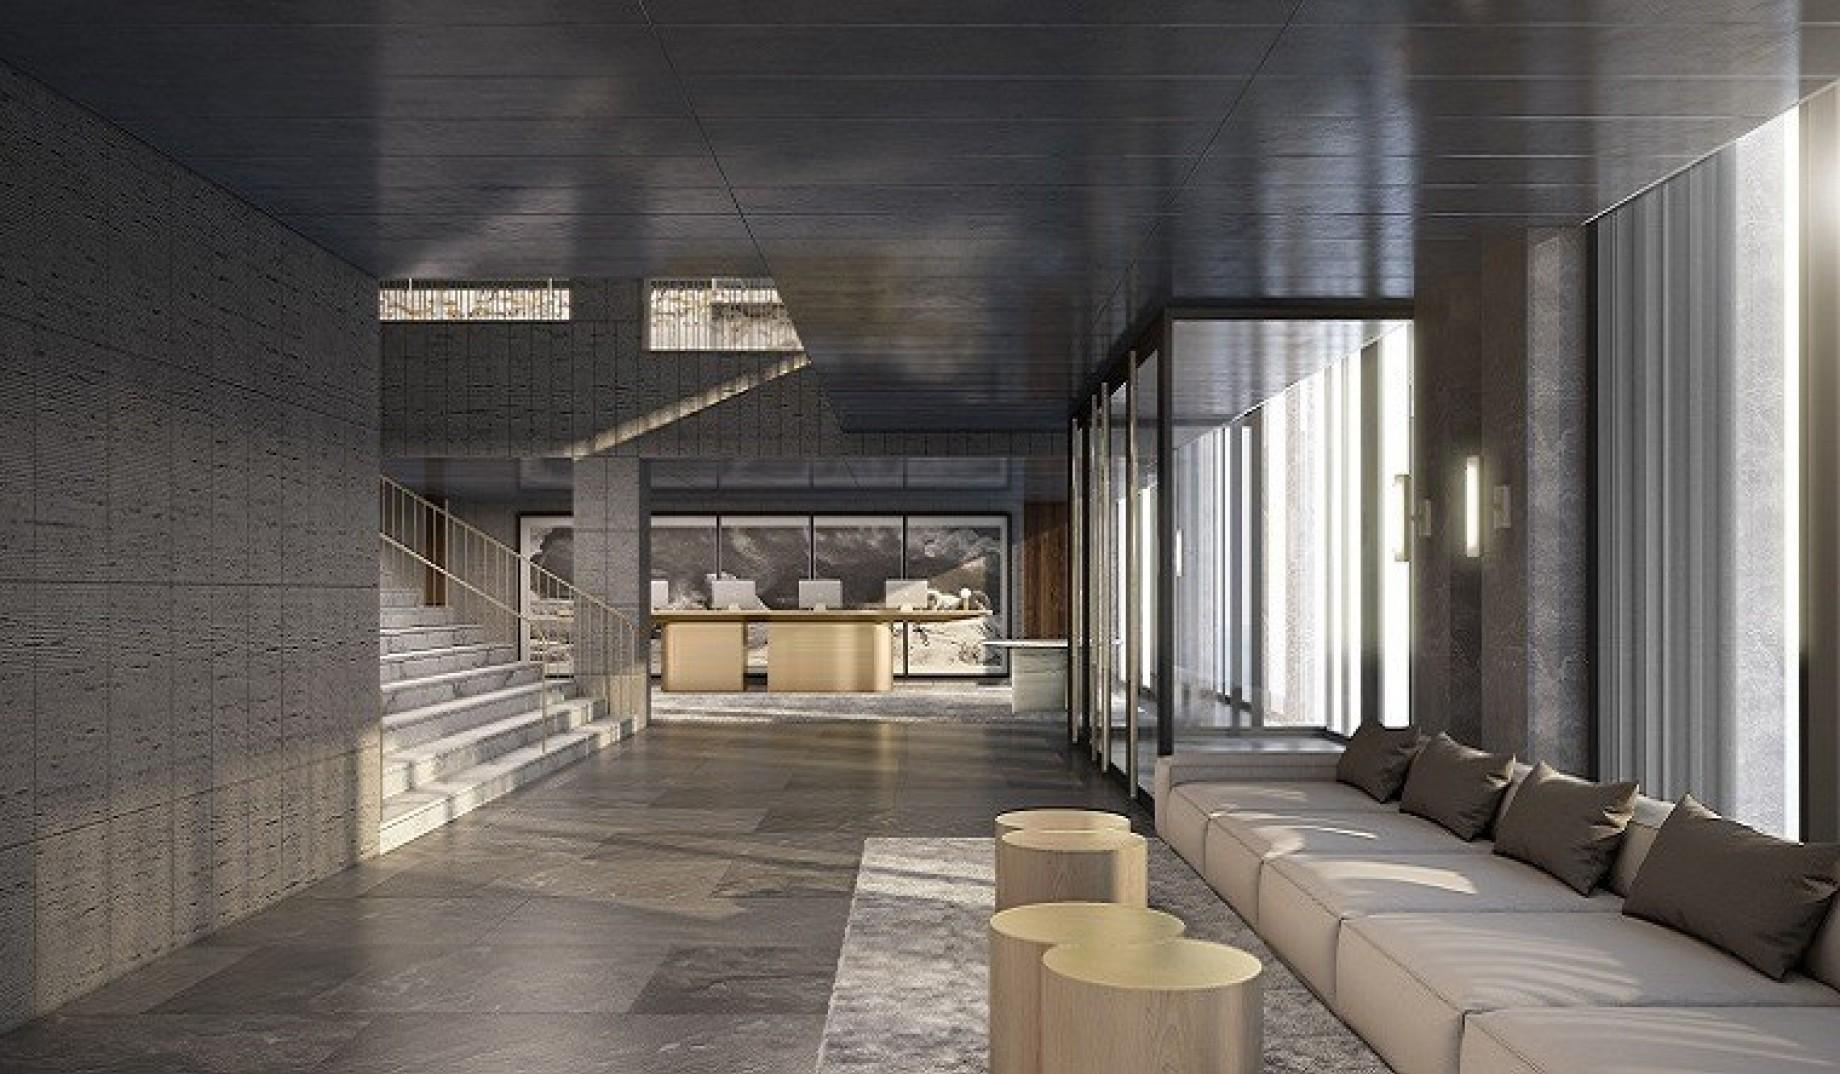 Camere Dalbergo Più Belle : Lusso e design ecco le camere d hotel più belle del mondo il